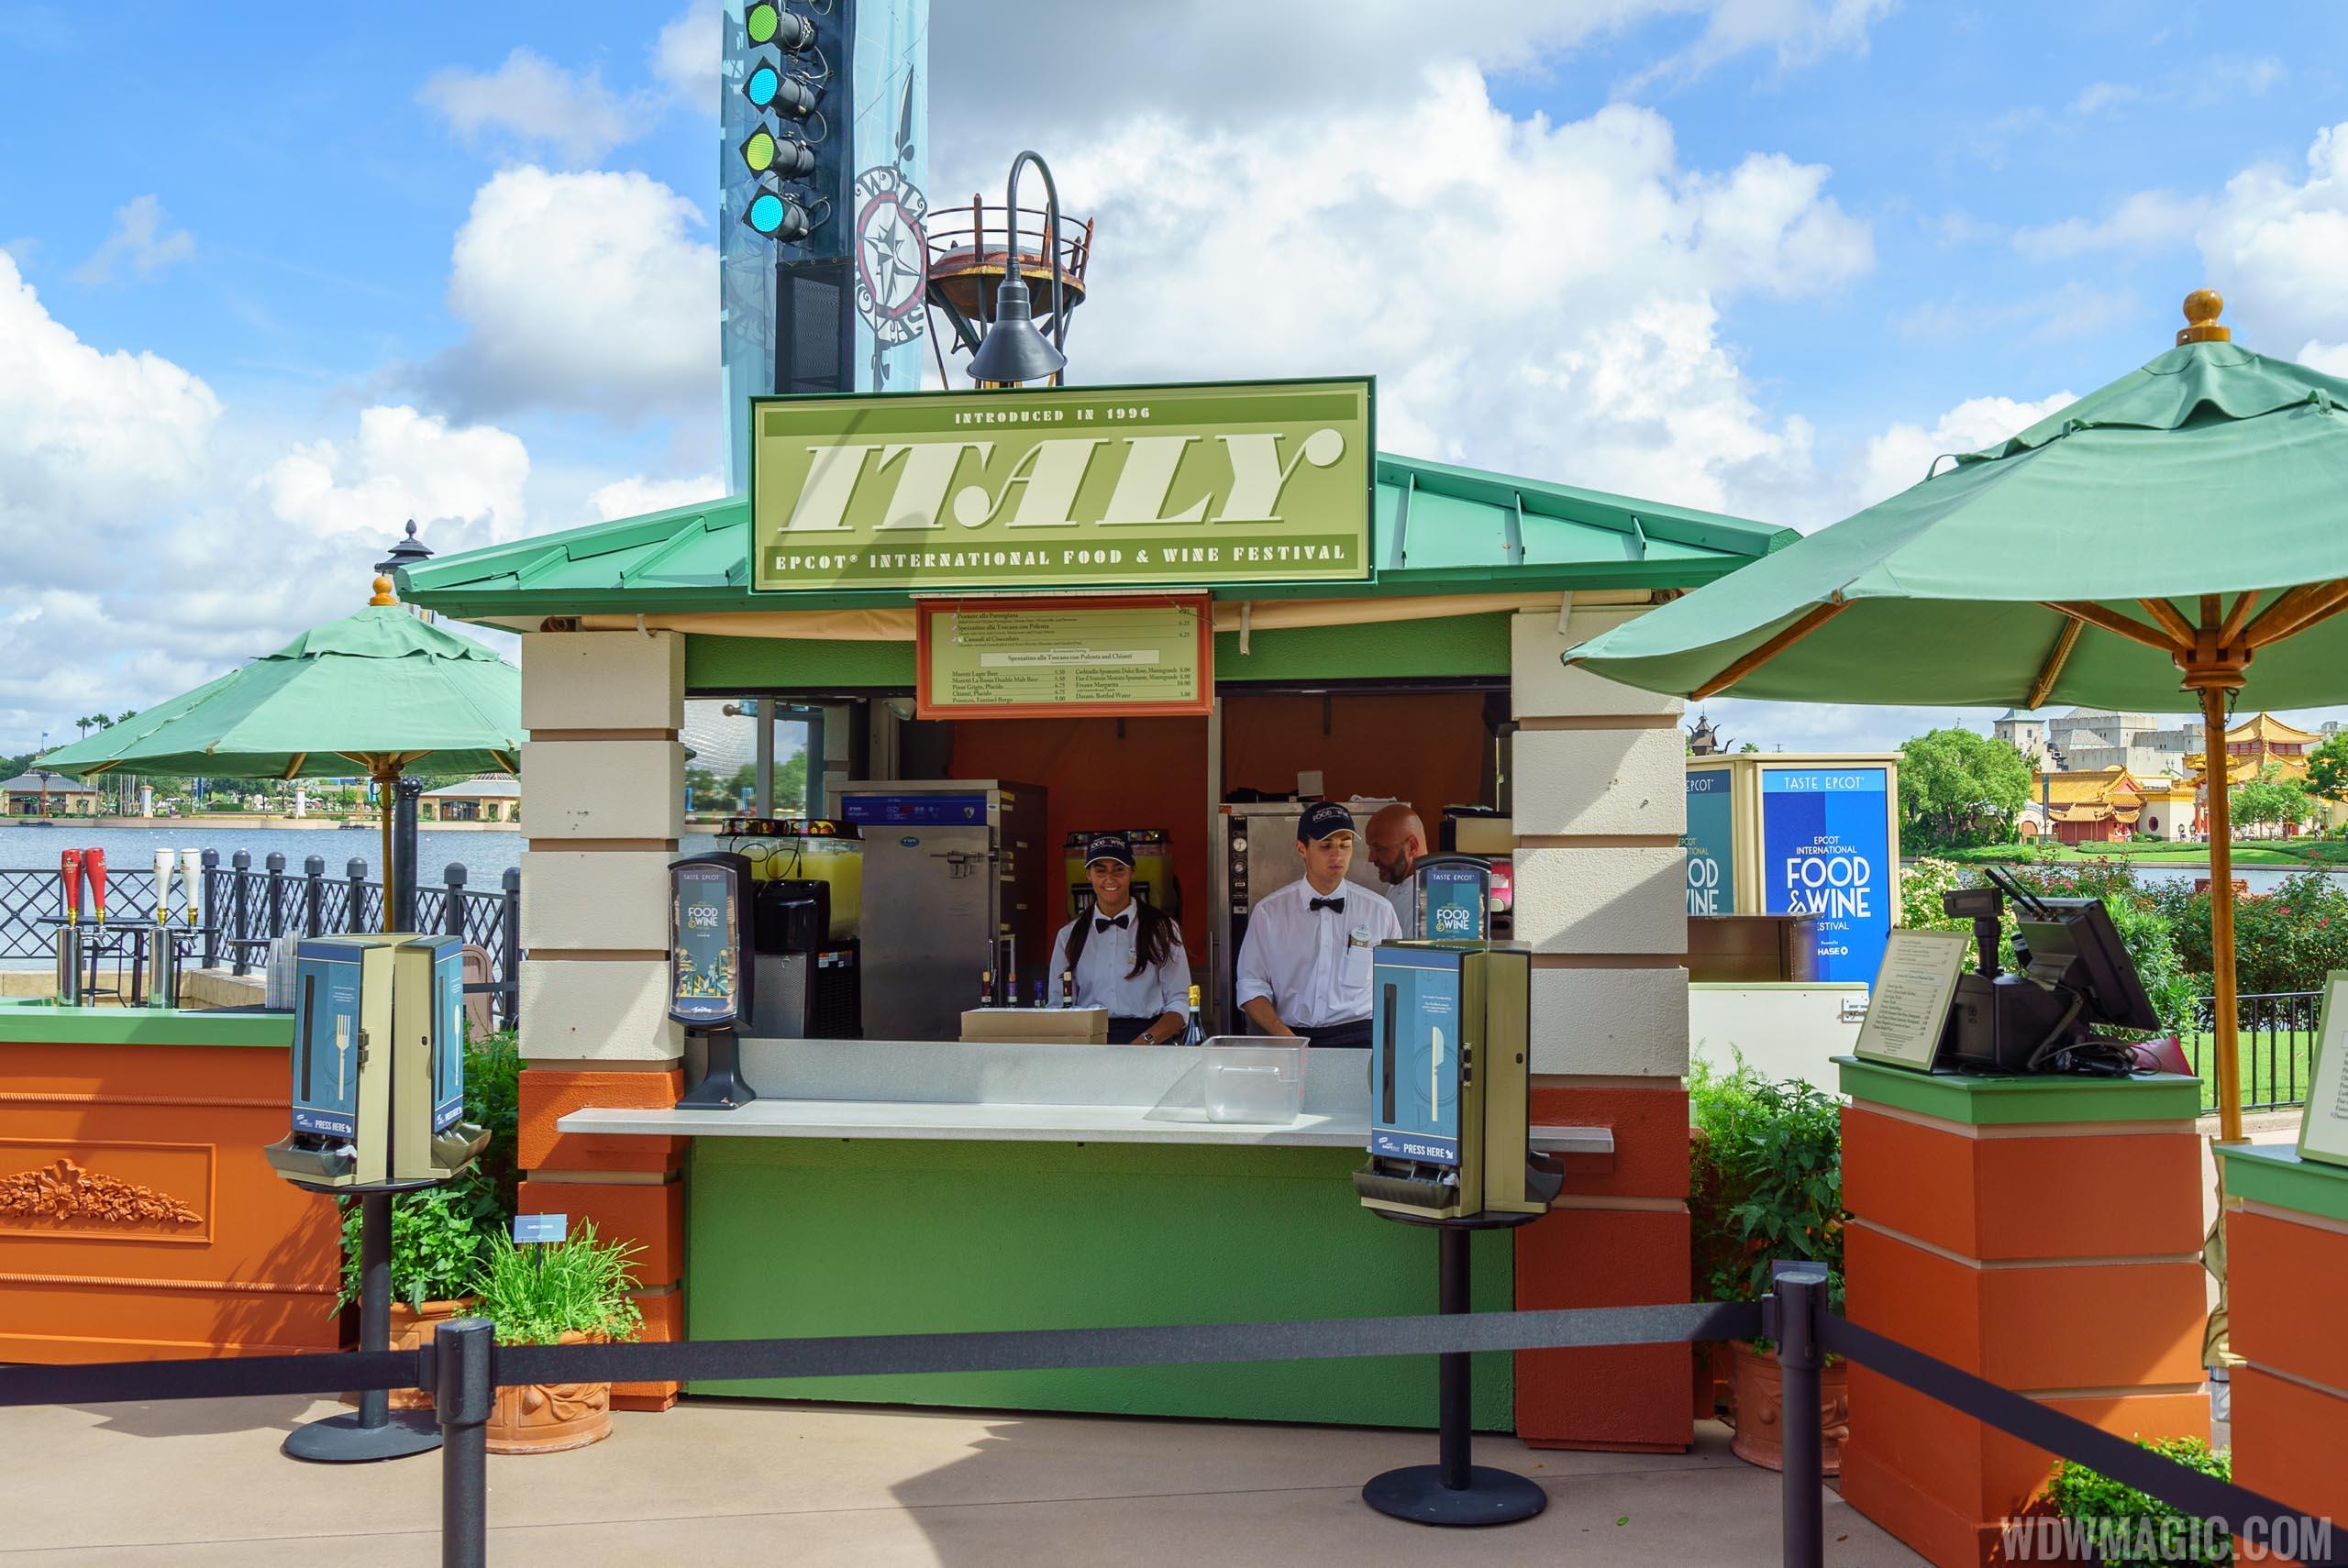 Italy Marketplace Kiosk